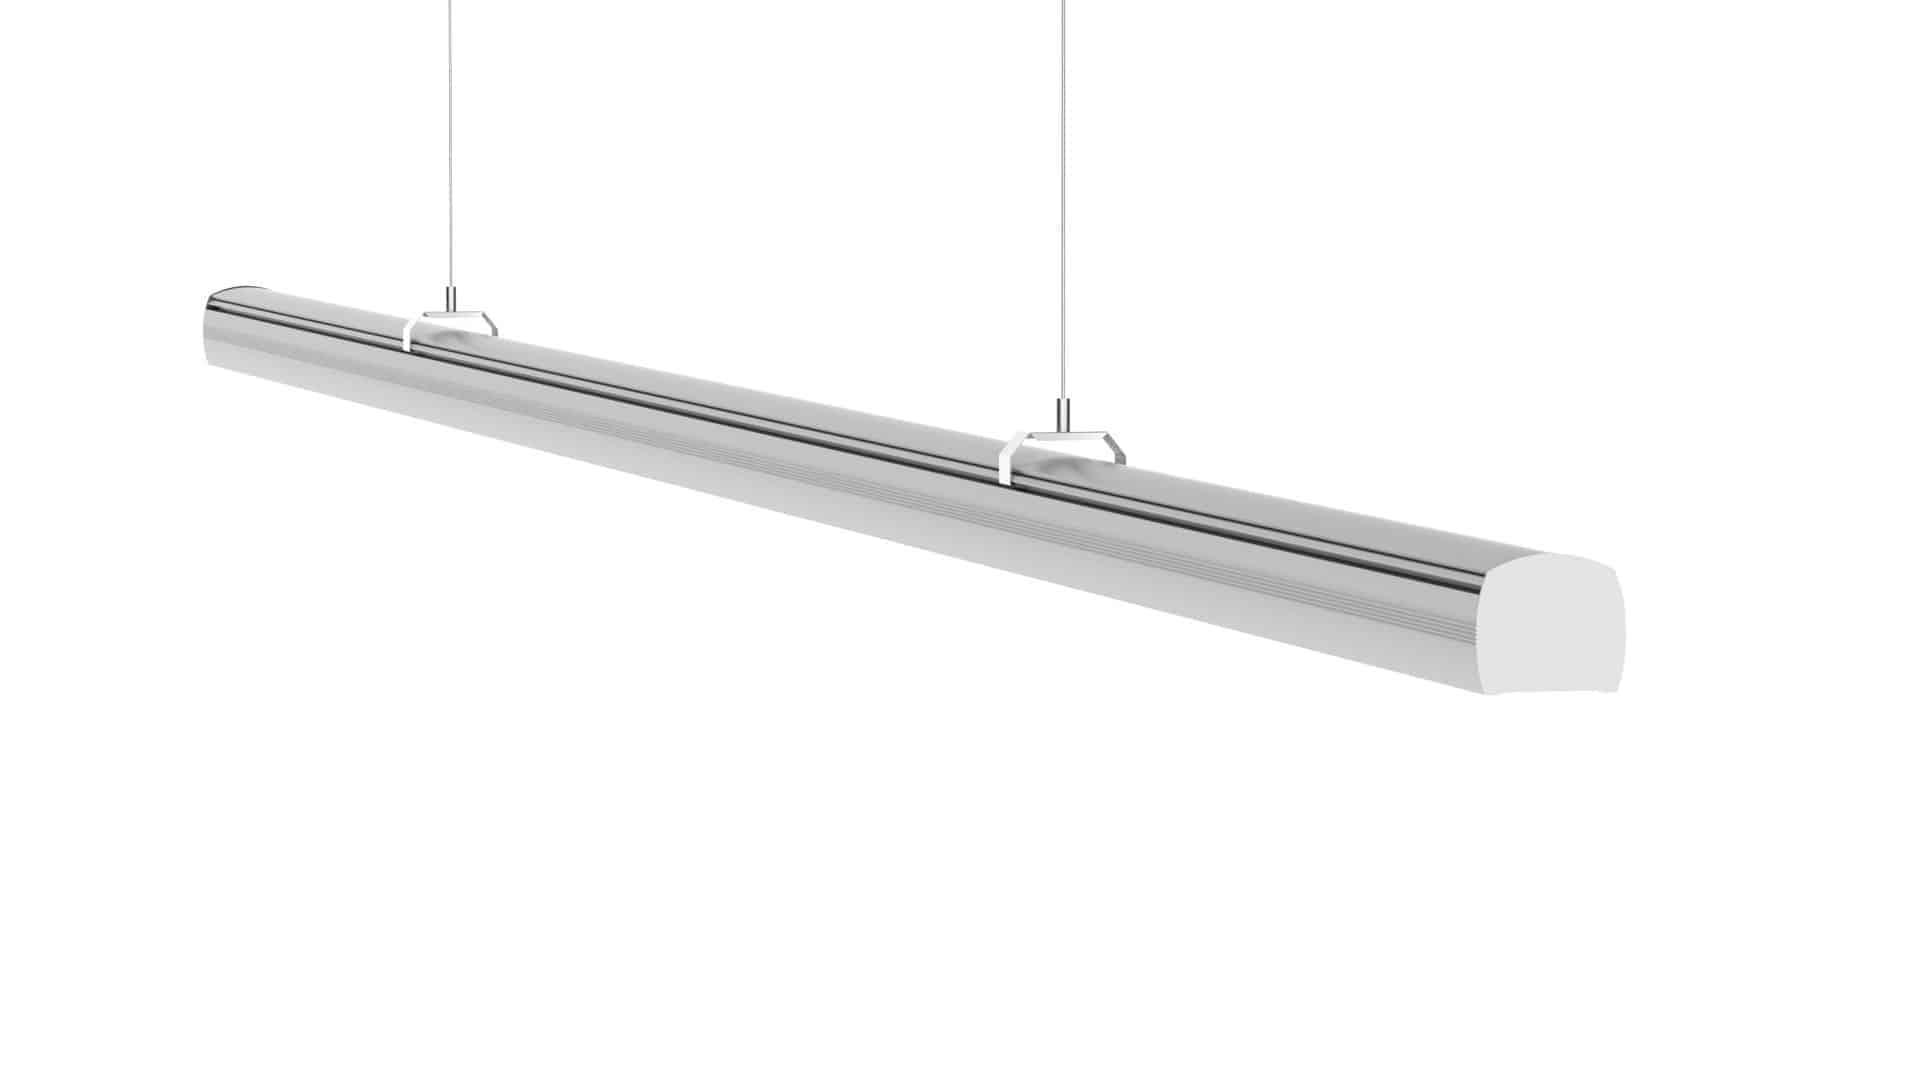 MBL-GC HSL LED Vonalvilágító